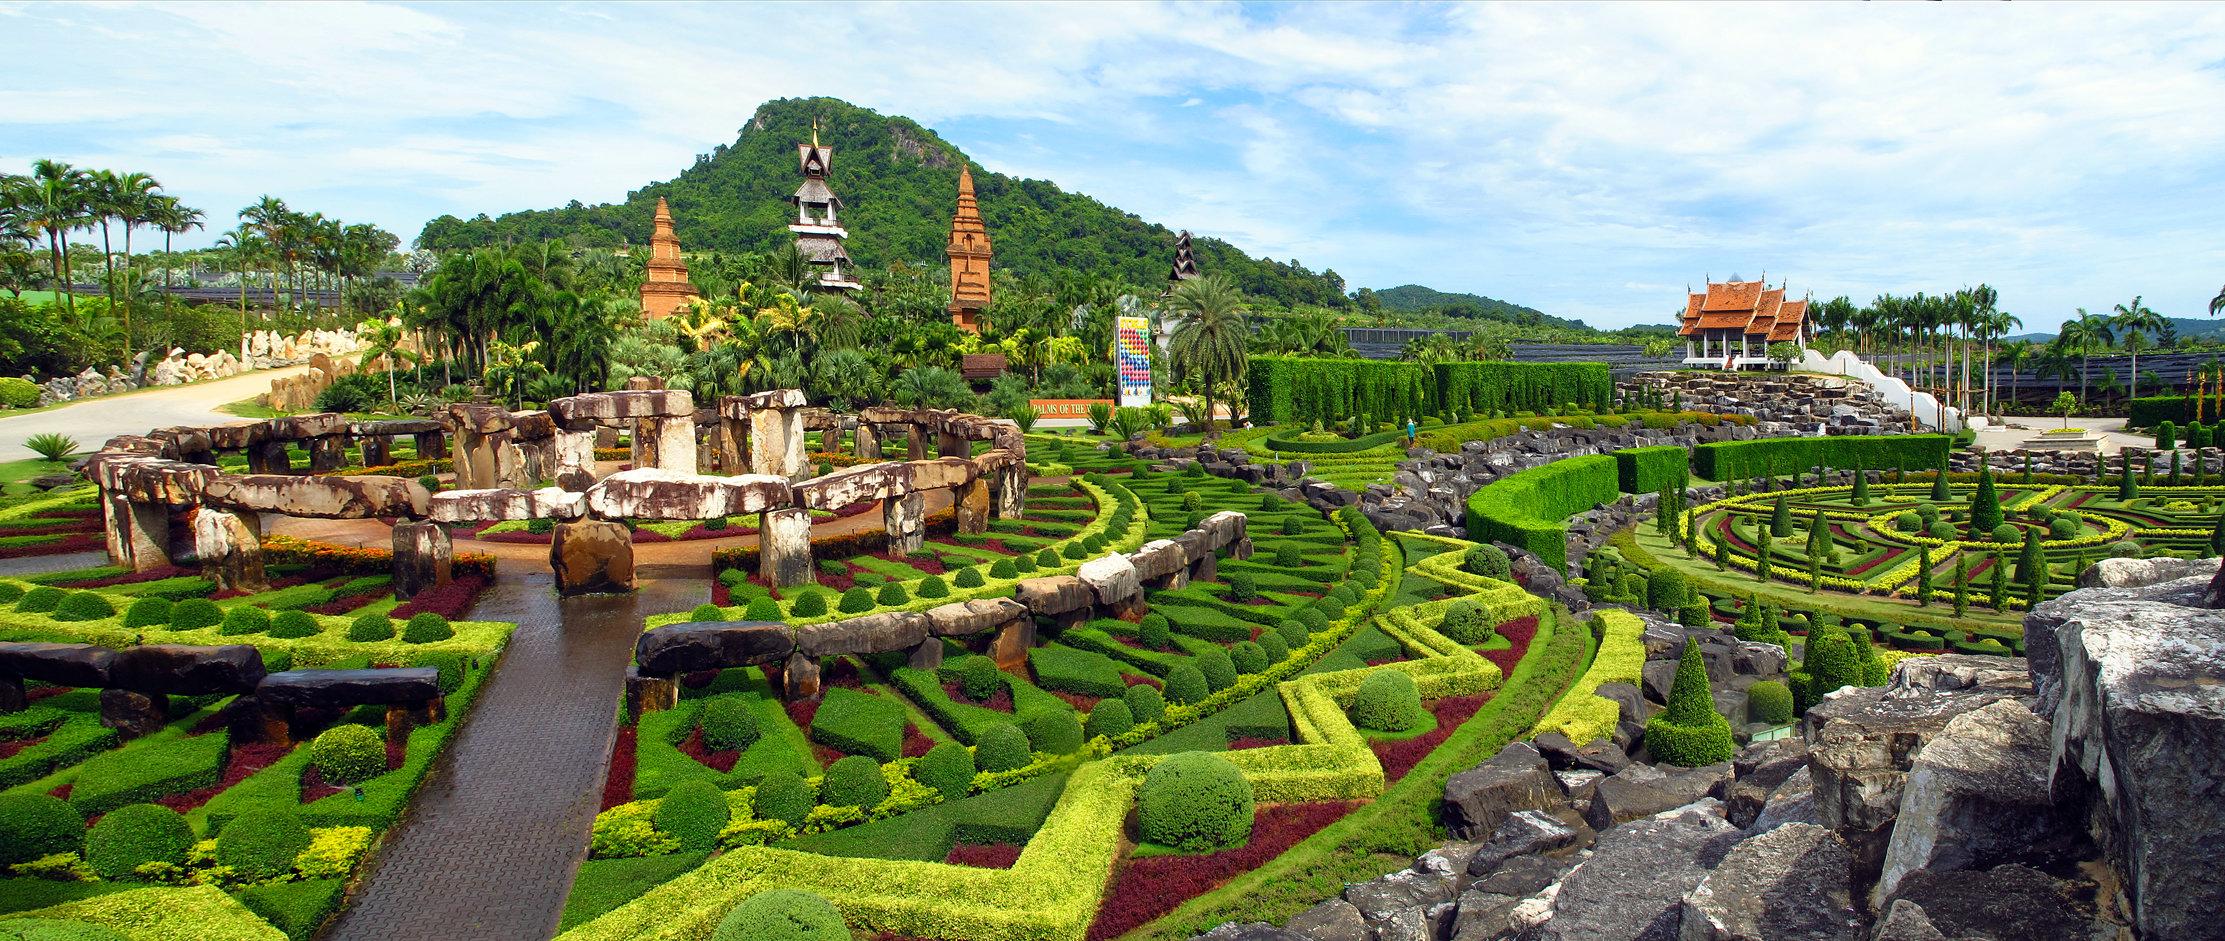 Los 10 jardines m s hermosos del mundo expertos en for Jardines bellos fotos